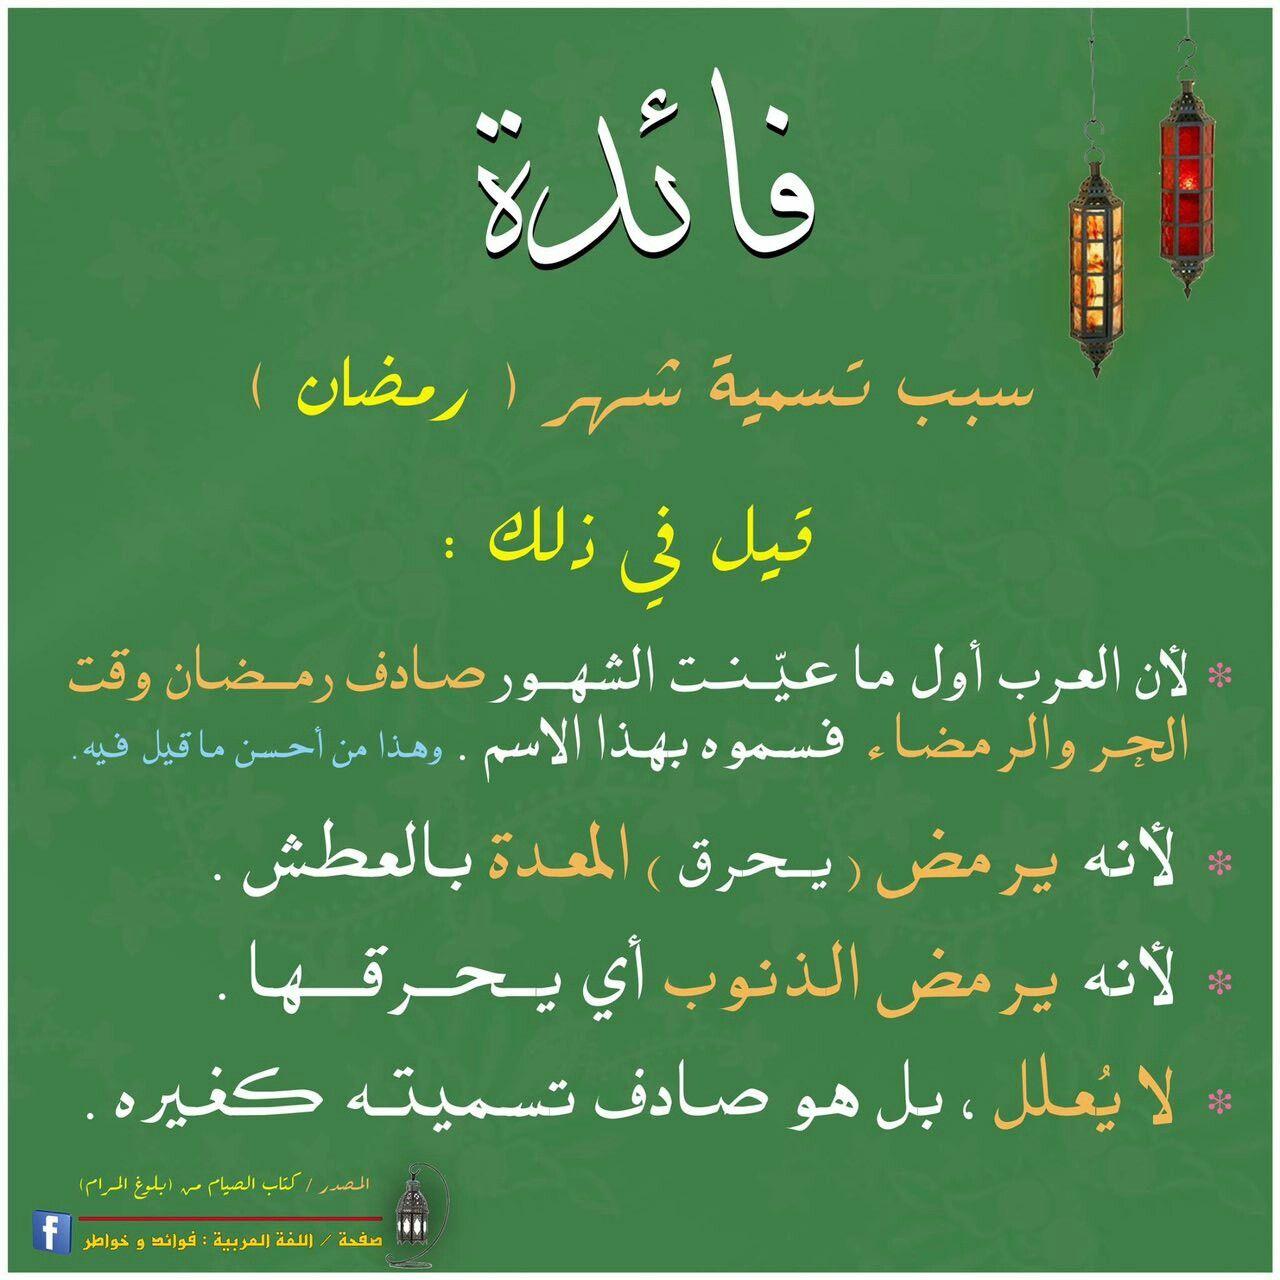 فائدة سبب تسمية شهر رمضان Quotes Arabic Language Language